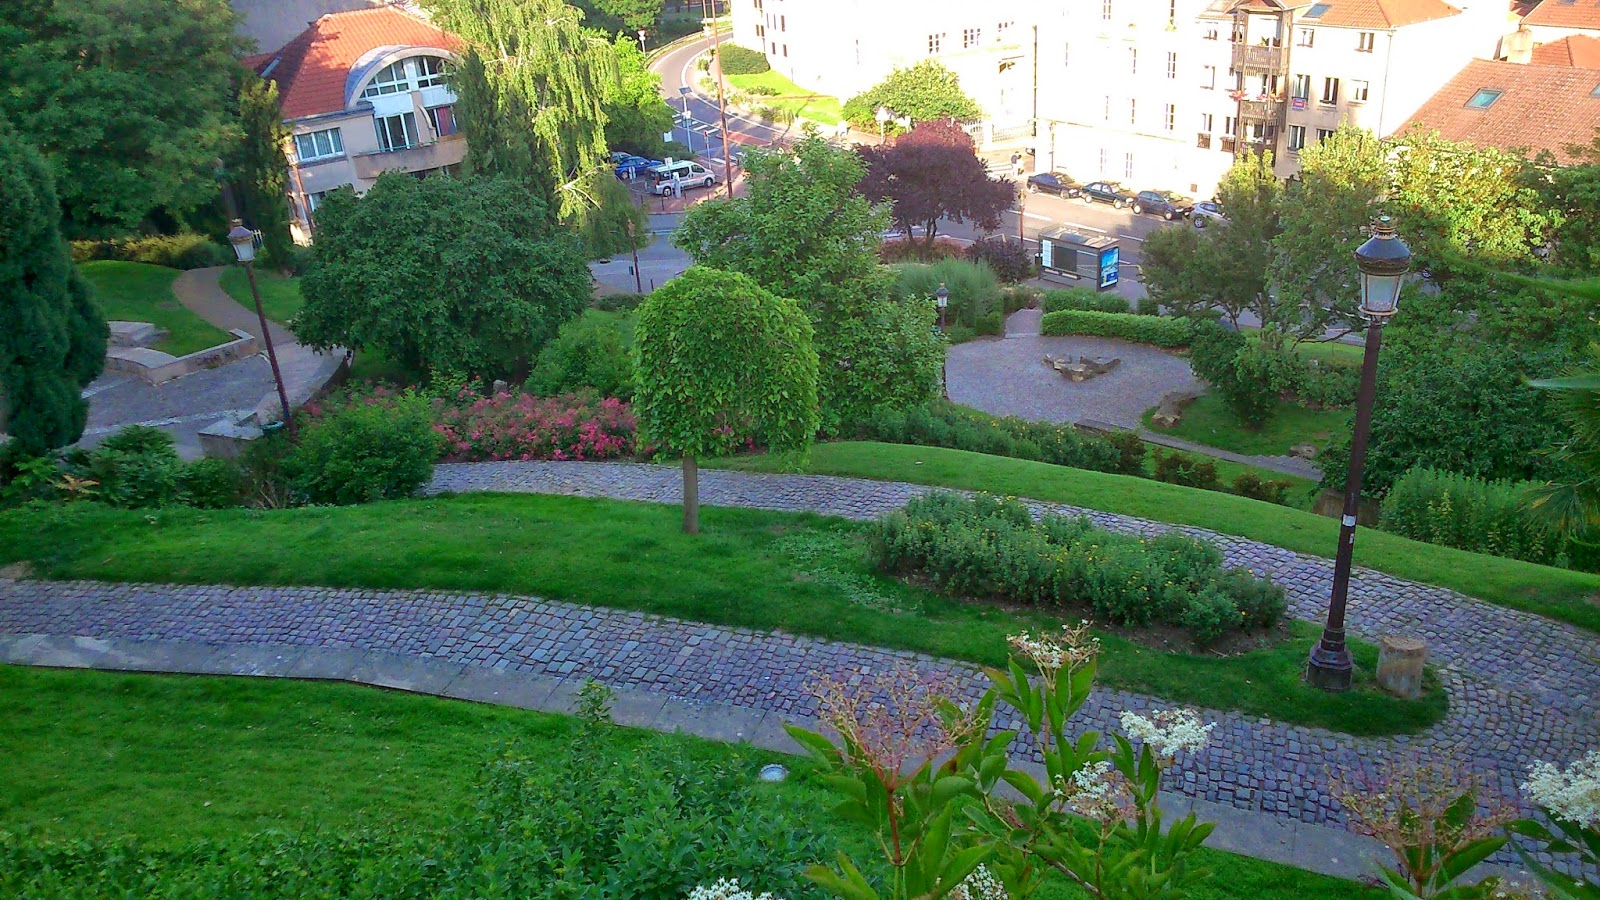 A la d couverte de notre patrimoine metz ville d 39 eau et de jardins for Jardin fabert metz